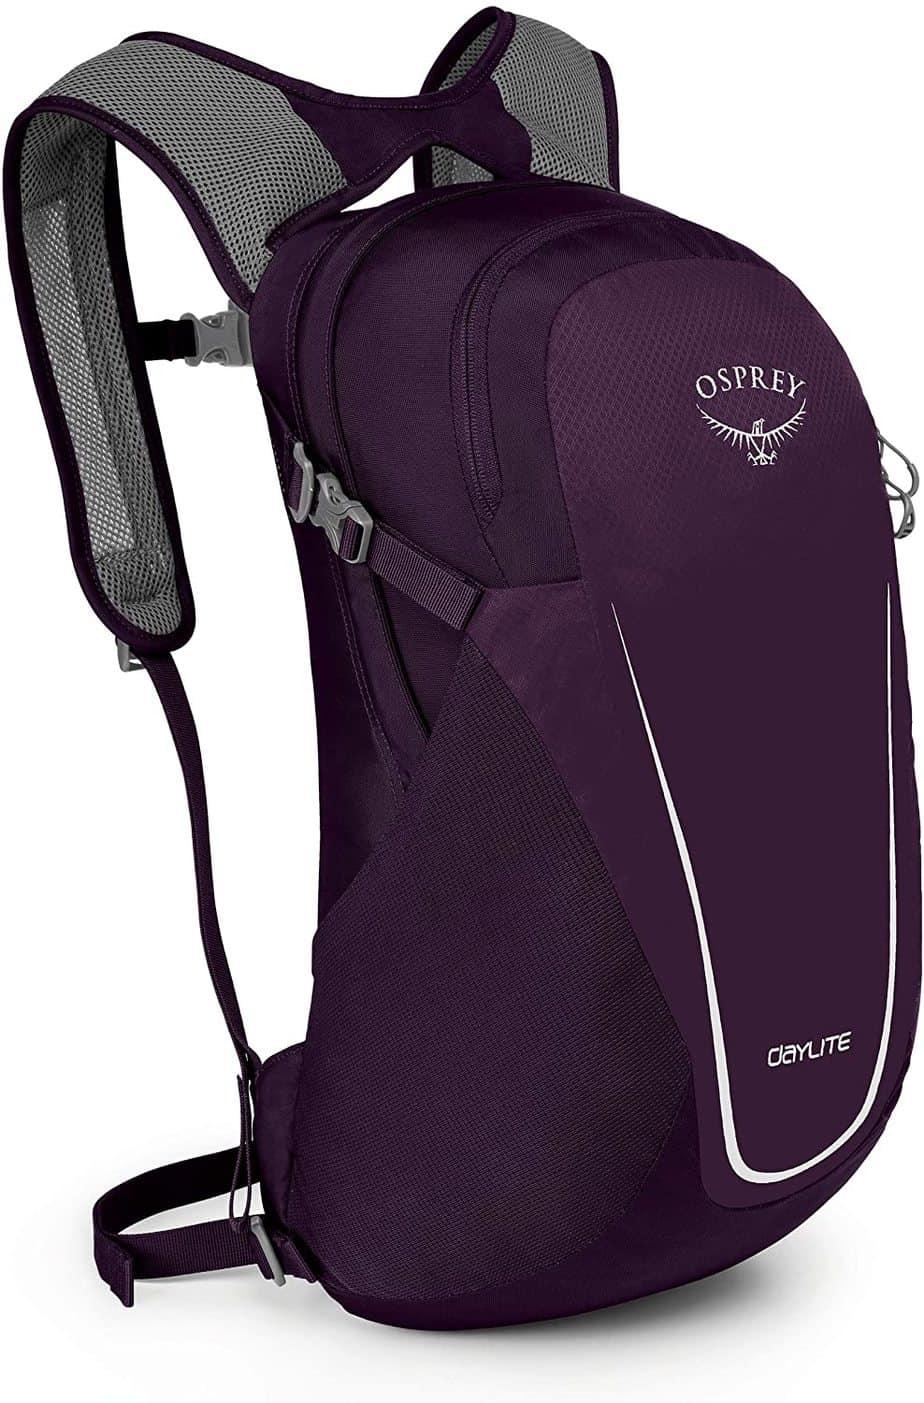 Osprey Daylight Daypack